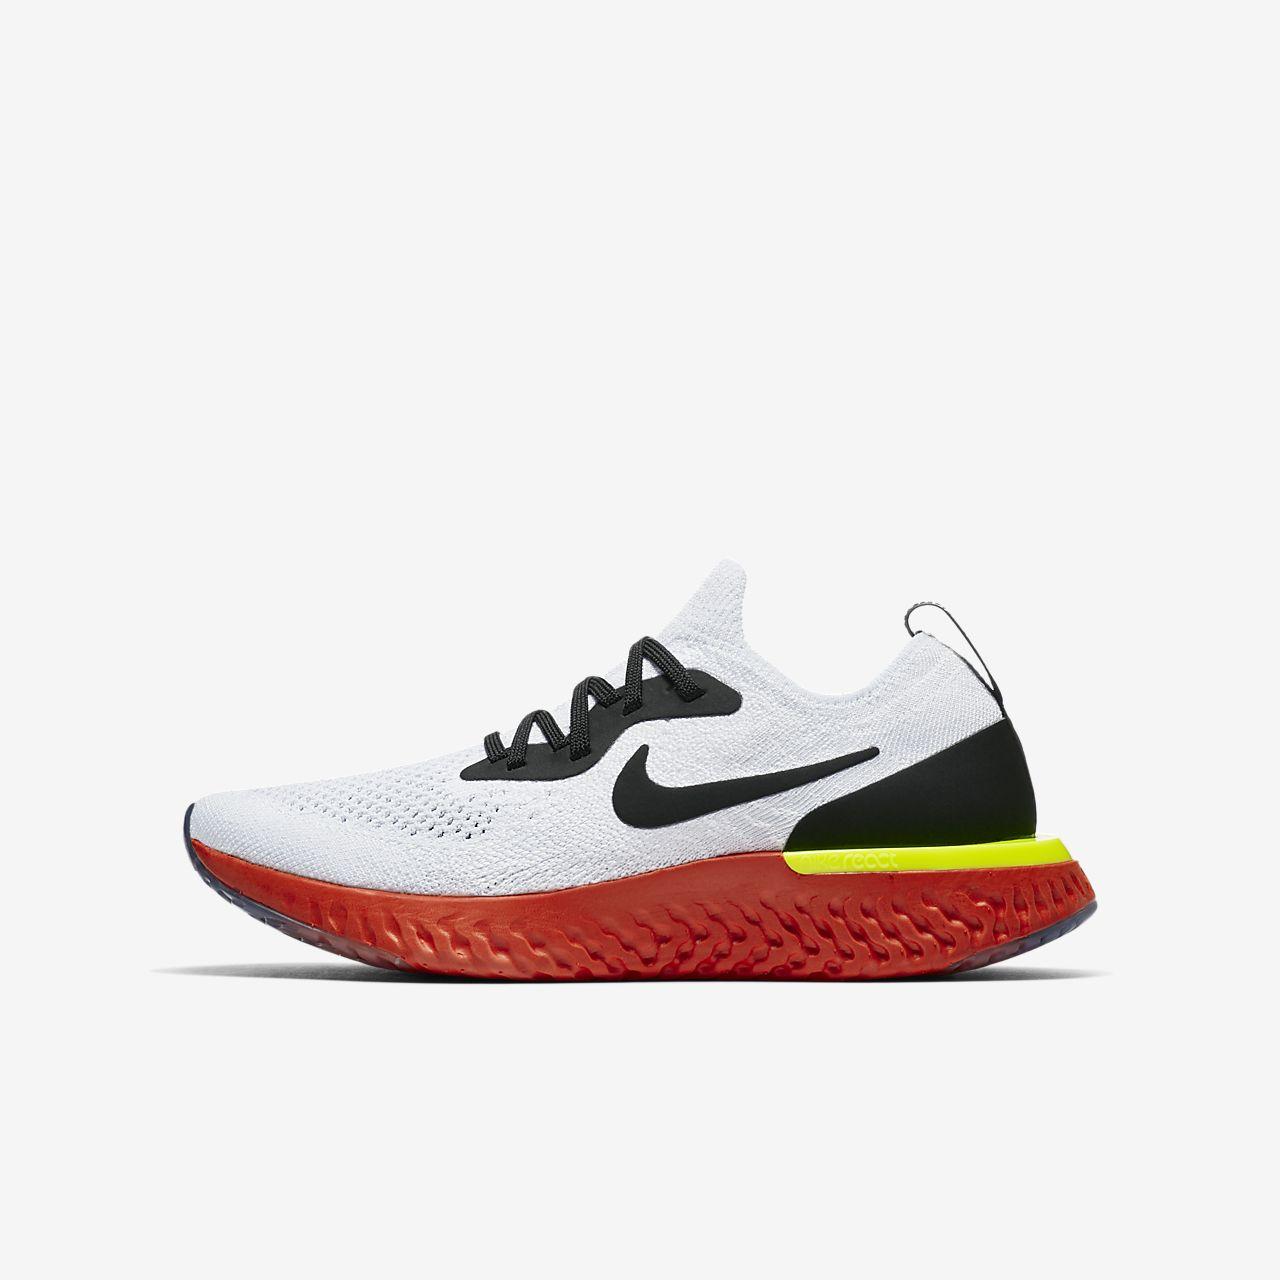 e0a9ed07f3afd Nike Epic React Flyknit 1 Big Kids  Running Shoe. Nike.com